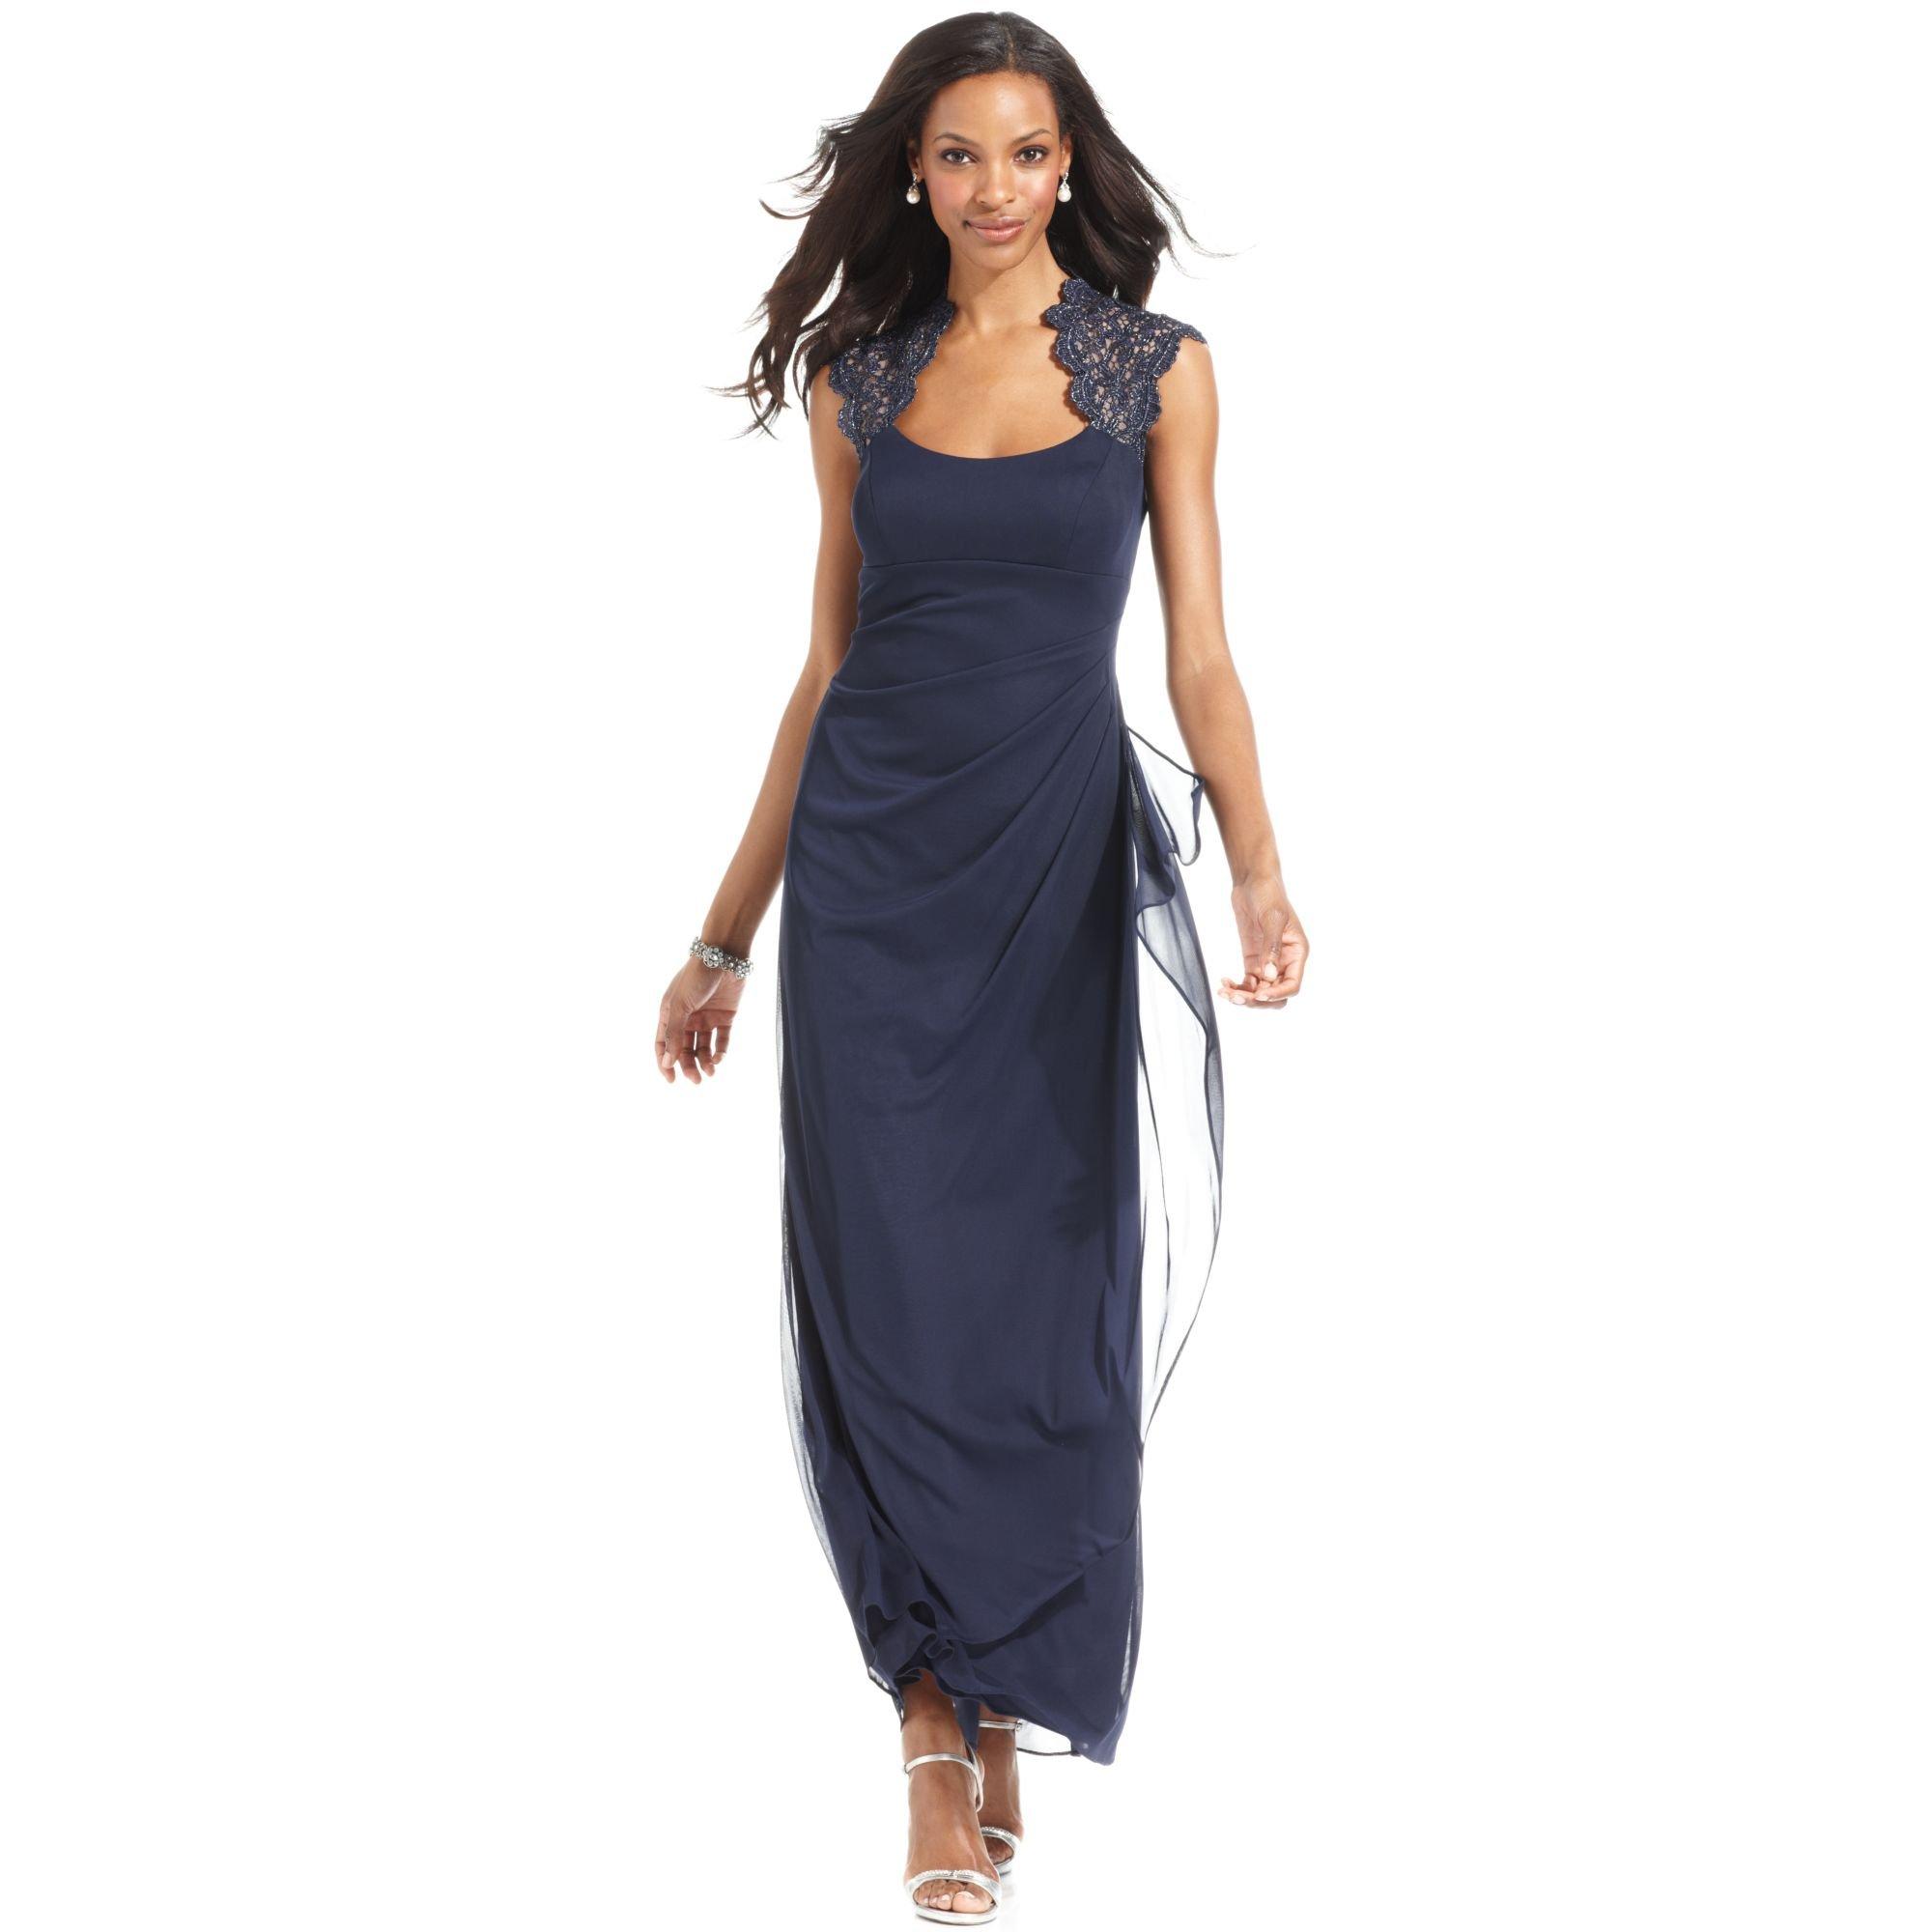 Xscape Navy Dresses | Dress images